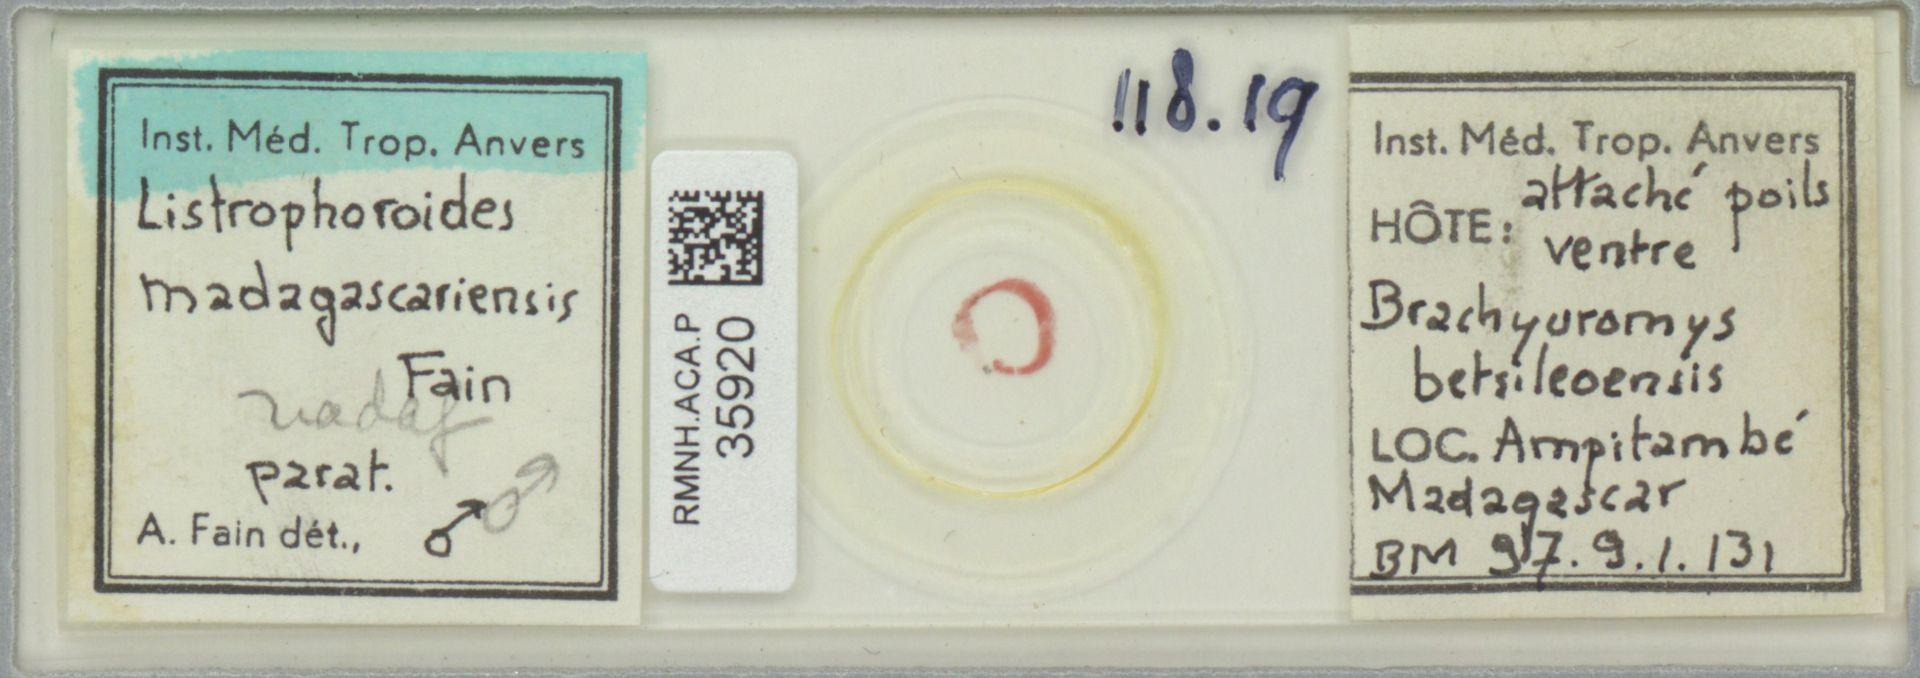 RMNH.ACA.P.35920   Listrophoroides madagascariensis Fain